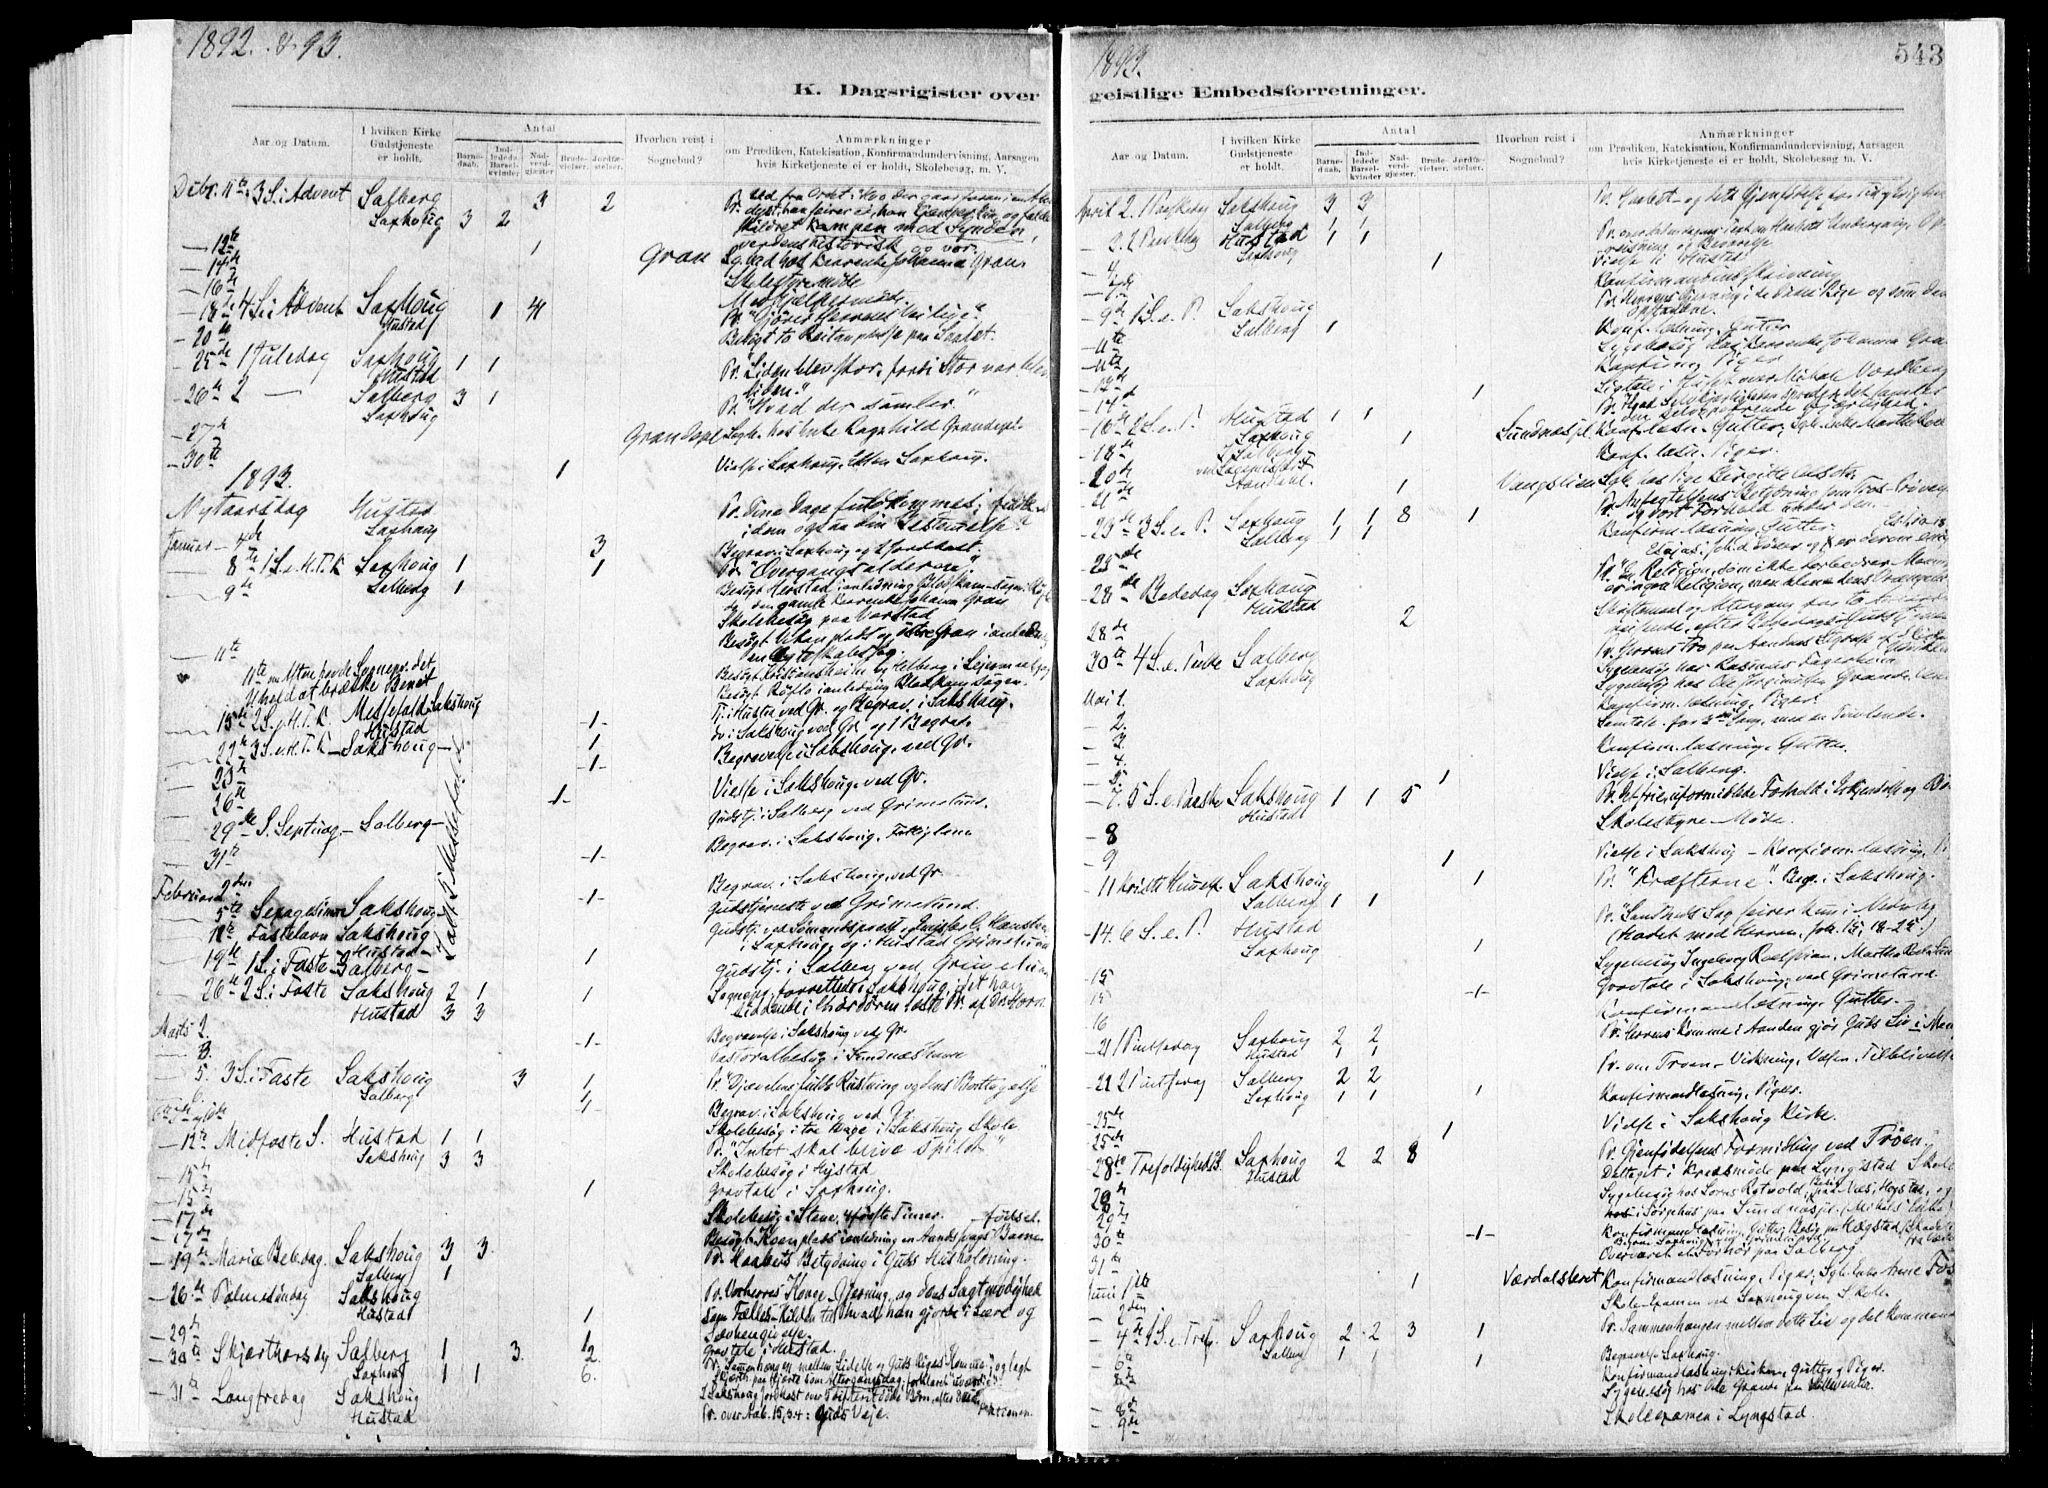 SAT, Ministerialprotokoller, klokkerbøker og fødselsregistre - Nord-Trøndelag, 730/L0285: Ministerialbok nr. 730A10, 1879-1914, s. 543